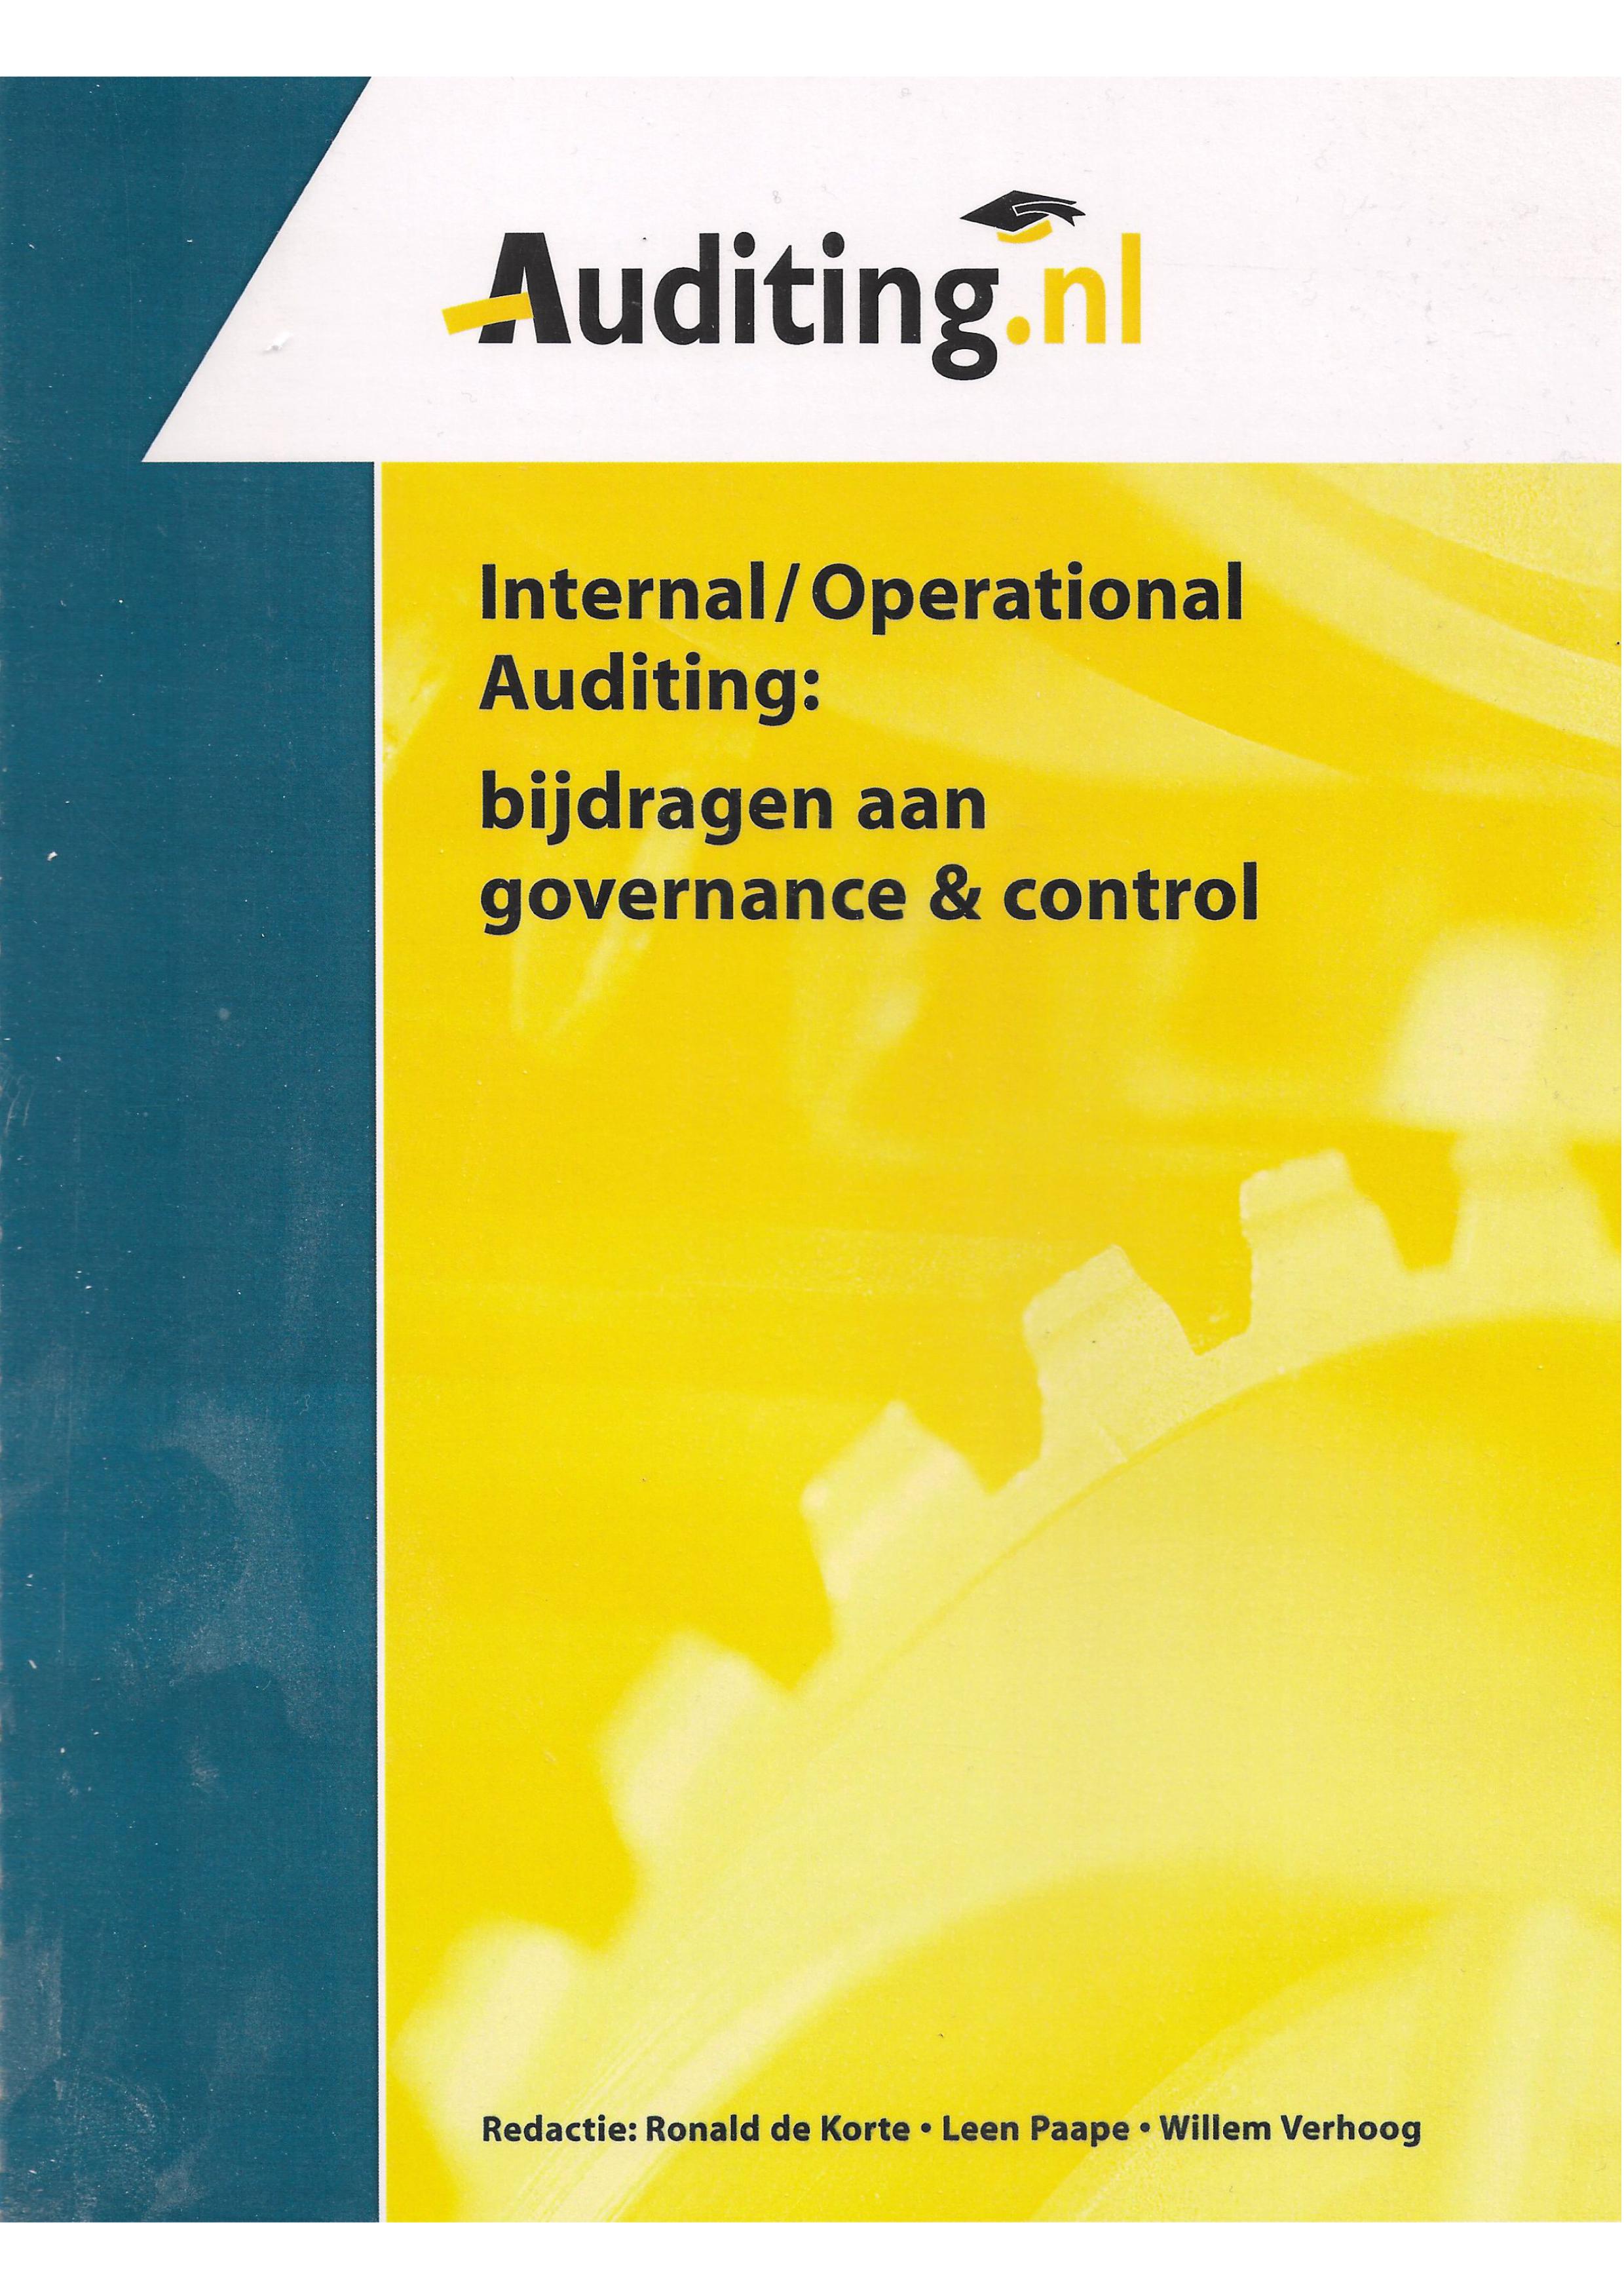 Management Control Auditing: bijdragen aan assurance & consulting activities